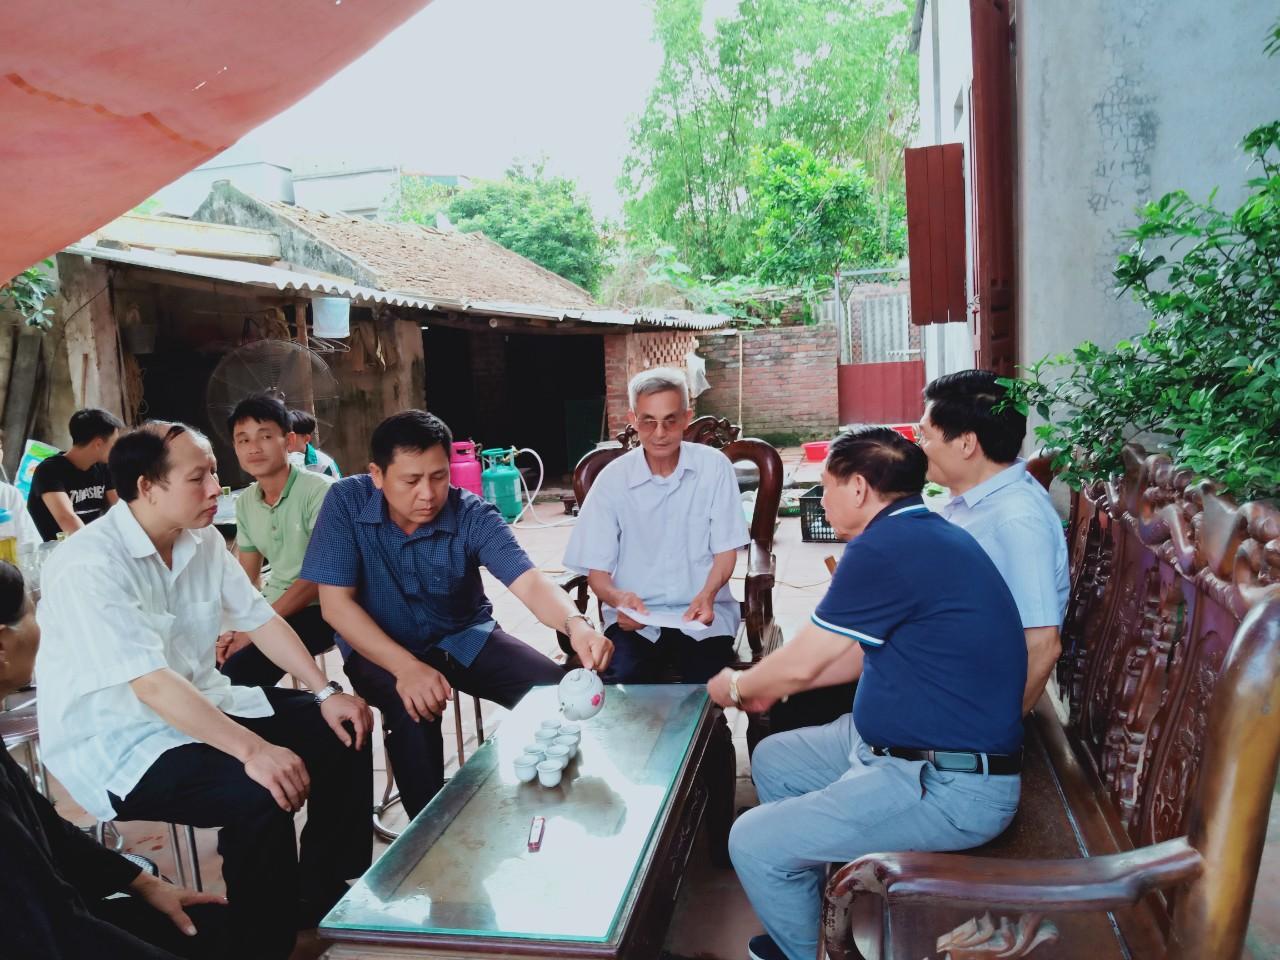 Hiệp hội DNNVV tỉnh Bắc Ninh, động viên gia đình vụ TNGT đặc biệt nghiêm trọng tại Quế Võ